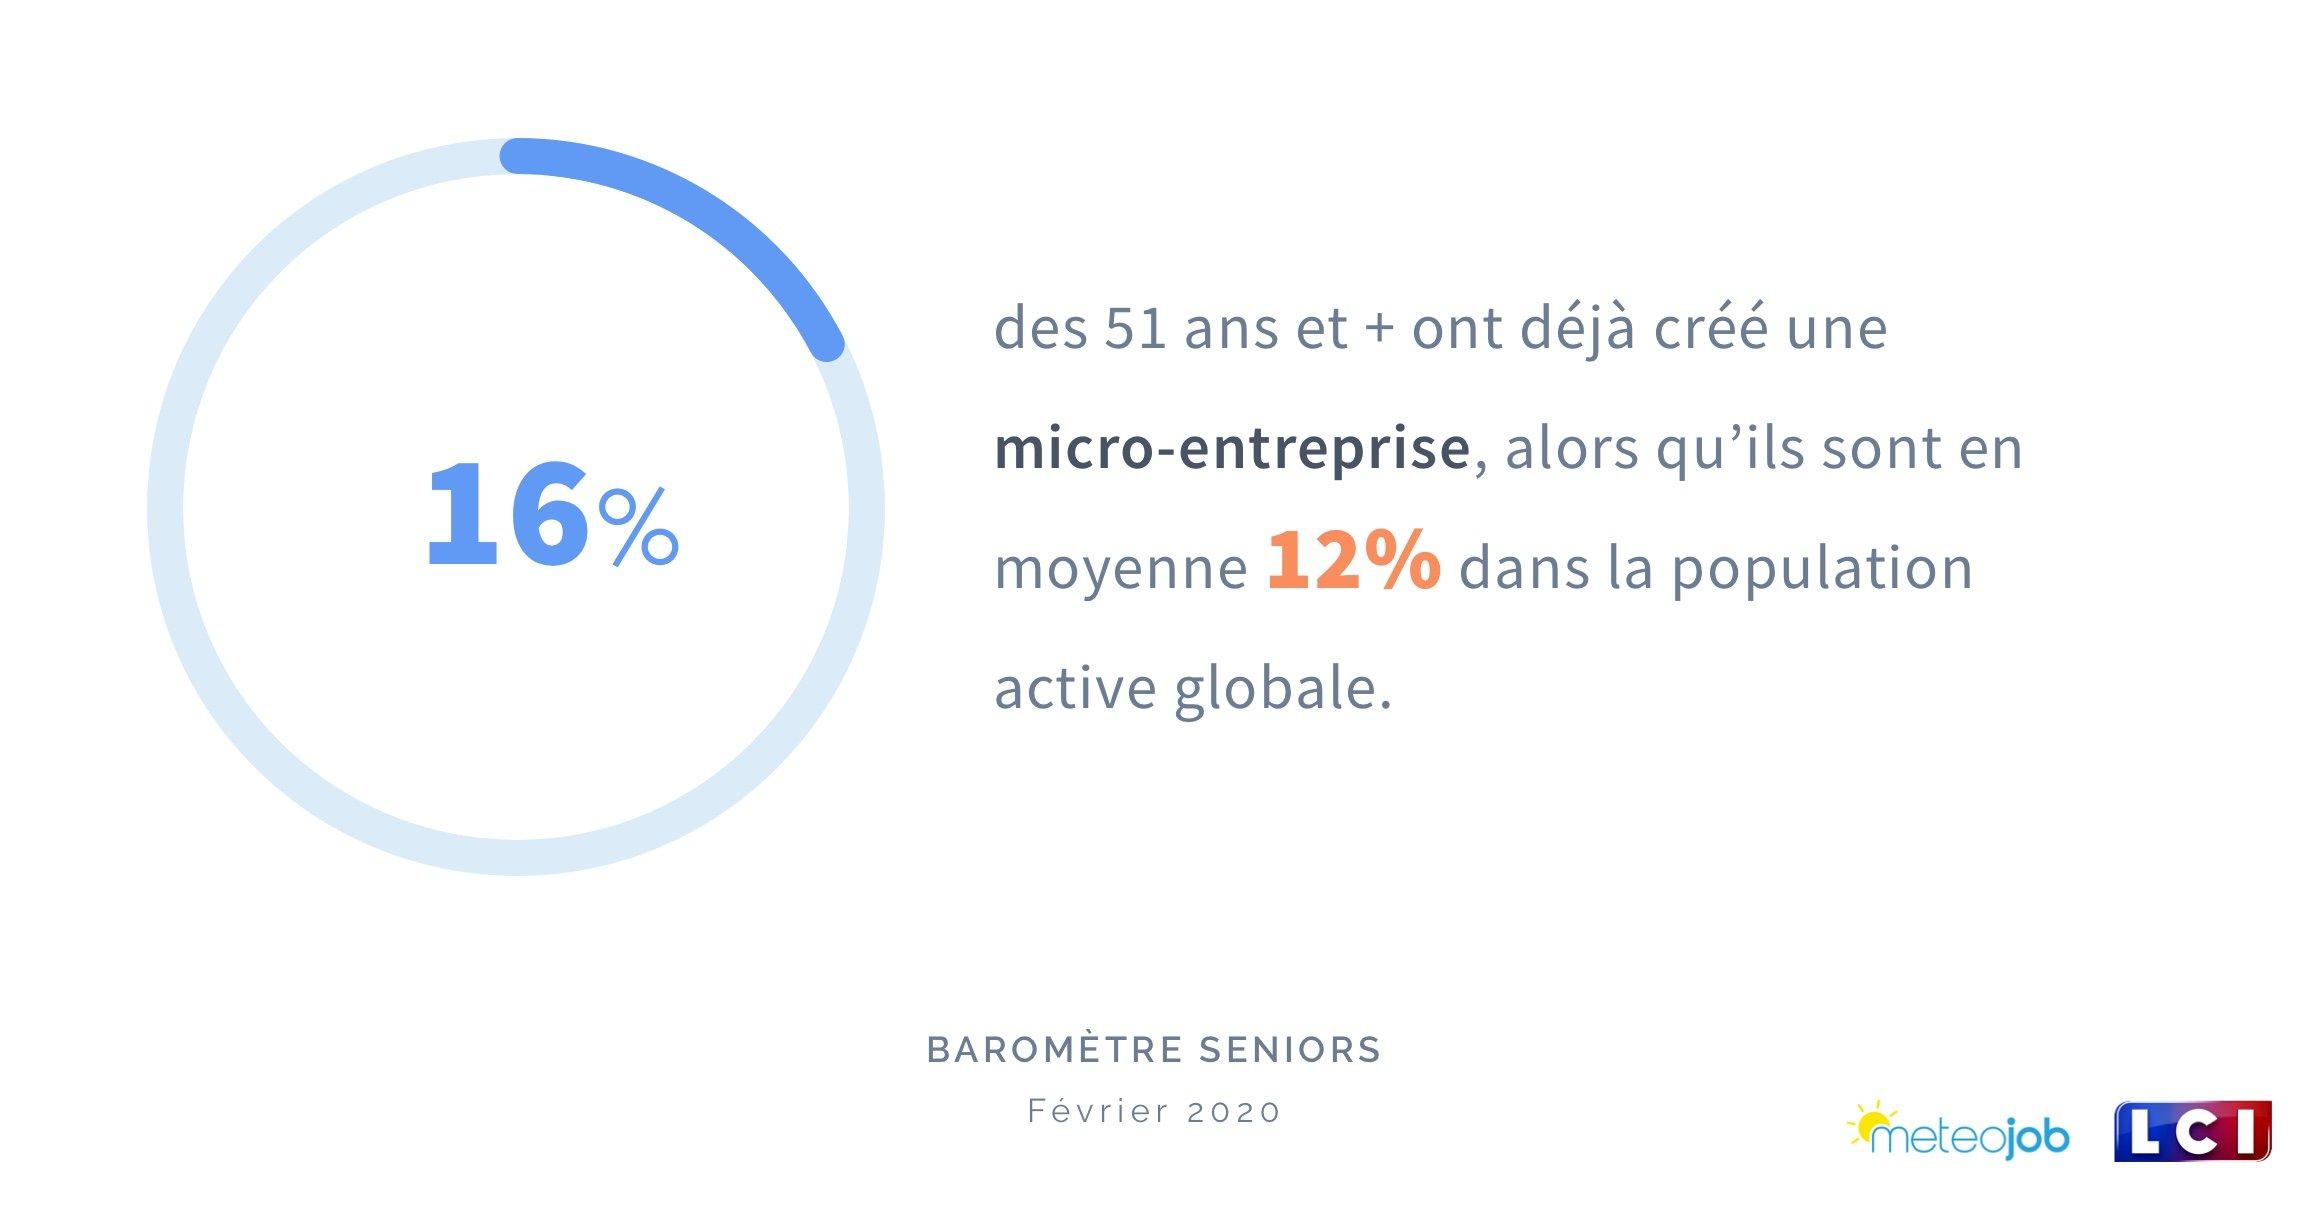 les seniors et la micro-entreprise- baromètre 2020